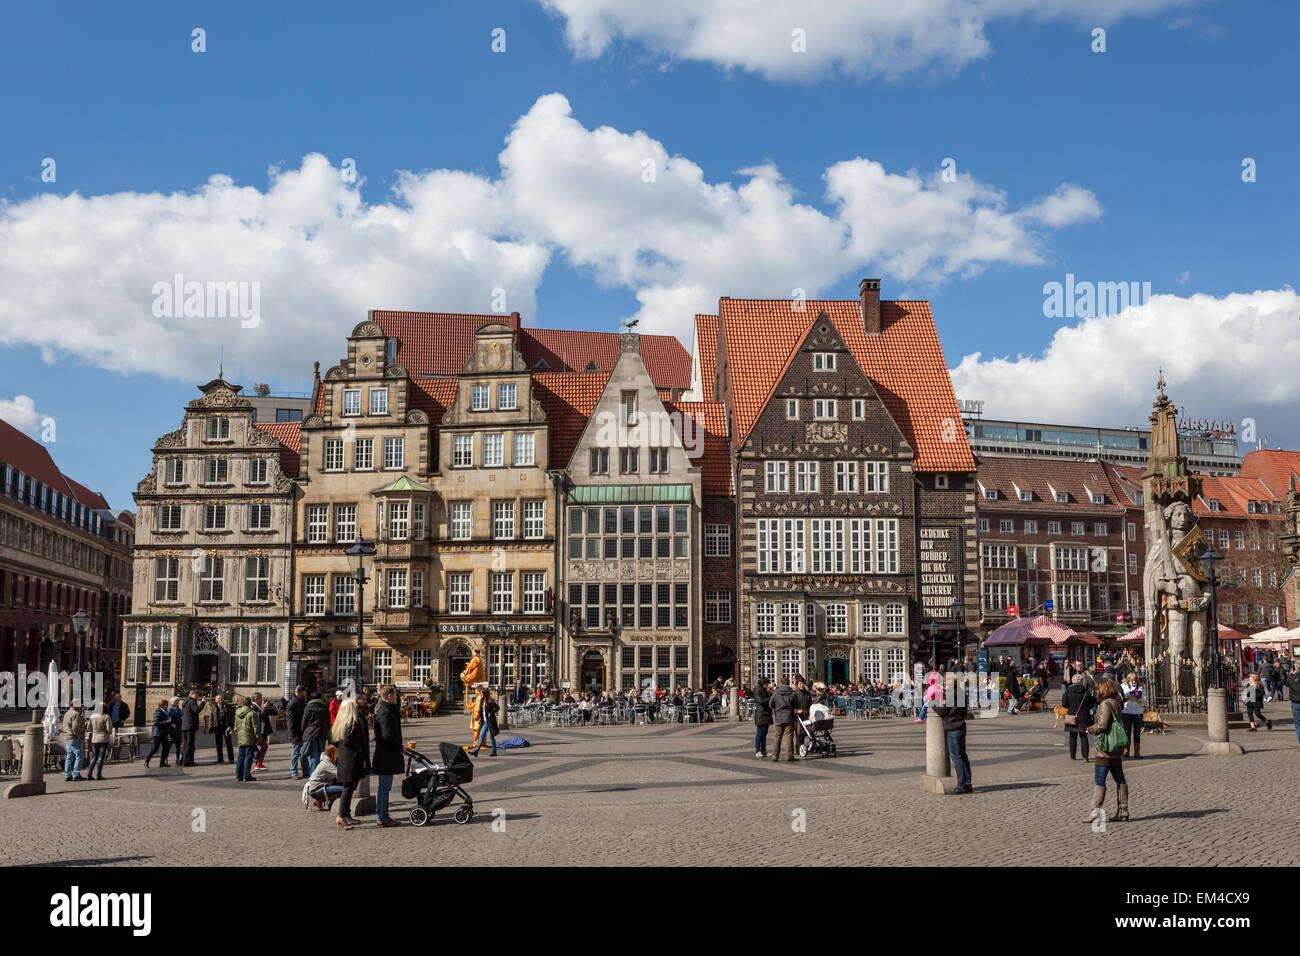 Place principale de la vieille ville de Brême, Allemagne Photo Stock